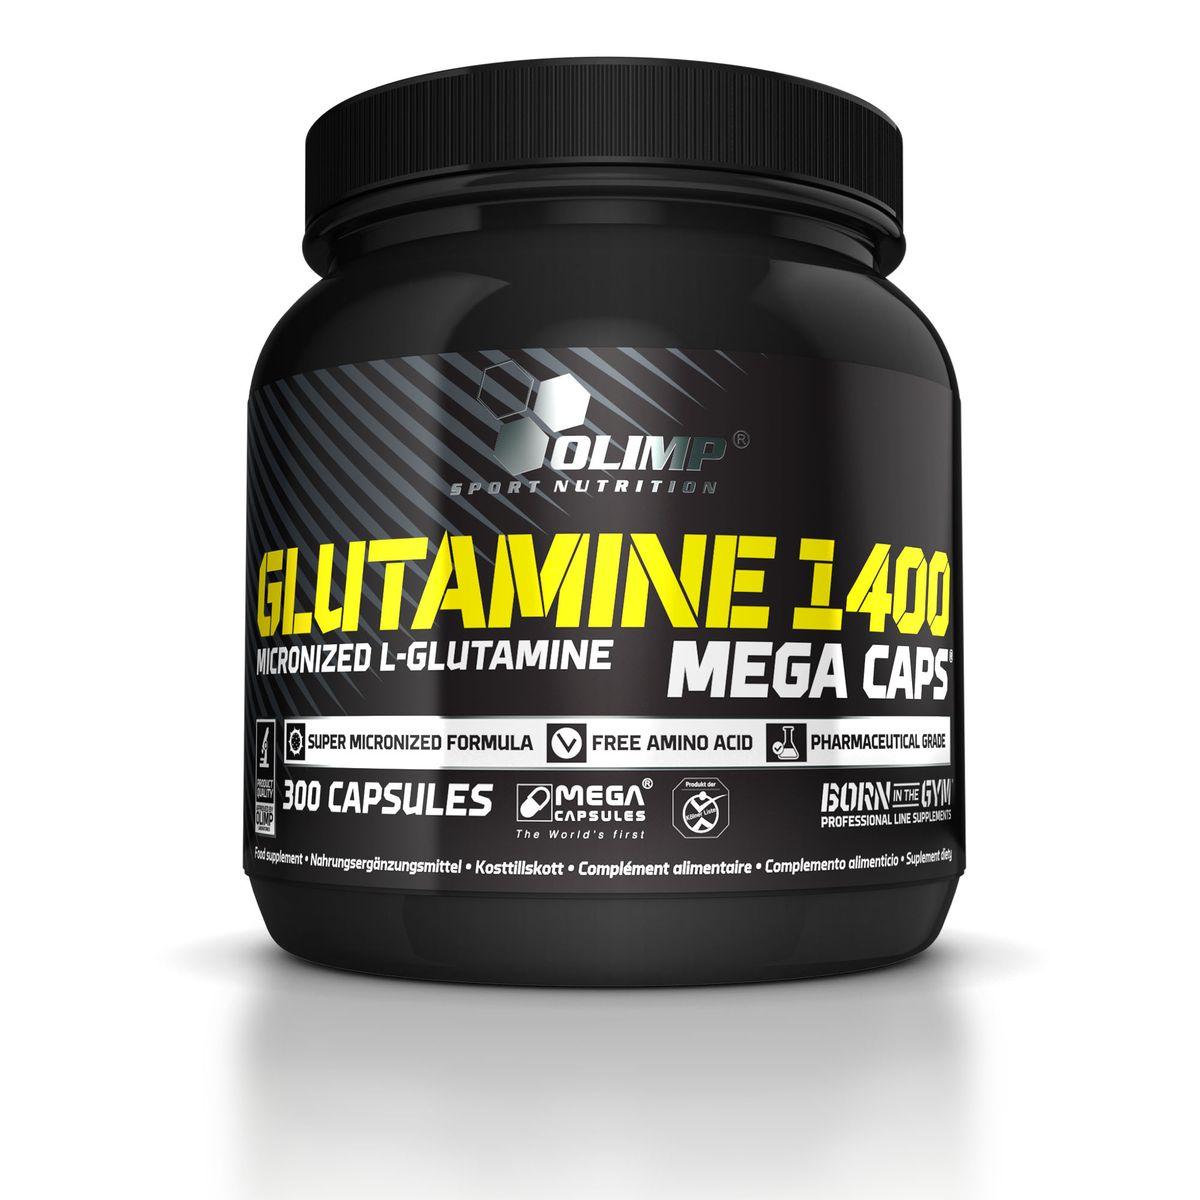 OLIMP Глютамин 1400 Мега Капс, 300 капсO25358Olimp L- Glutamine Mega Caps - уникальный продукт, содержащий очень высокую дозу (1400 мг), 100% фармацевтически чистого микронизированного L-глютамина в одной капсуле. L-глютамин - аминокислота с мощным анаболическим эффектом. В обычных условиях мышечные клетки полны глютамином, причем его присутствие играет роль магнита для других аминокислот. Они непрерывным потоком просачиваются внутрь клетки, чтобы стать строительным материалом для внутриклеточного белкового синтеза. Поскольку вместе с аминокислотами в клетку проникает и натрий, для понижения его концентрации клетка впускает внутрь себя воду. Вода же, как известно, это стимулятор белкового синтеза. В результате все внутренние белковые структуры клетки разрастаются и увеличиваются в объеме, т.е. создаются анаболические условия. Кроме того, отметим, что L-глютамин является главным источником энергии для клеток иммунной системы. Соответственно, его недостаток вызывает иммунный сбой и прогрессию заболевания. ...